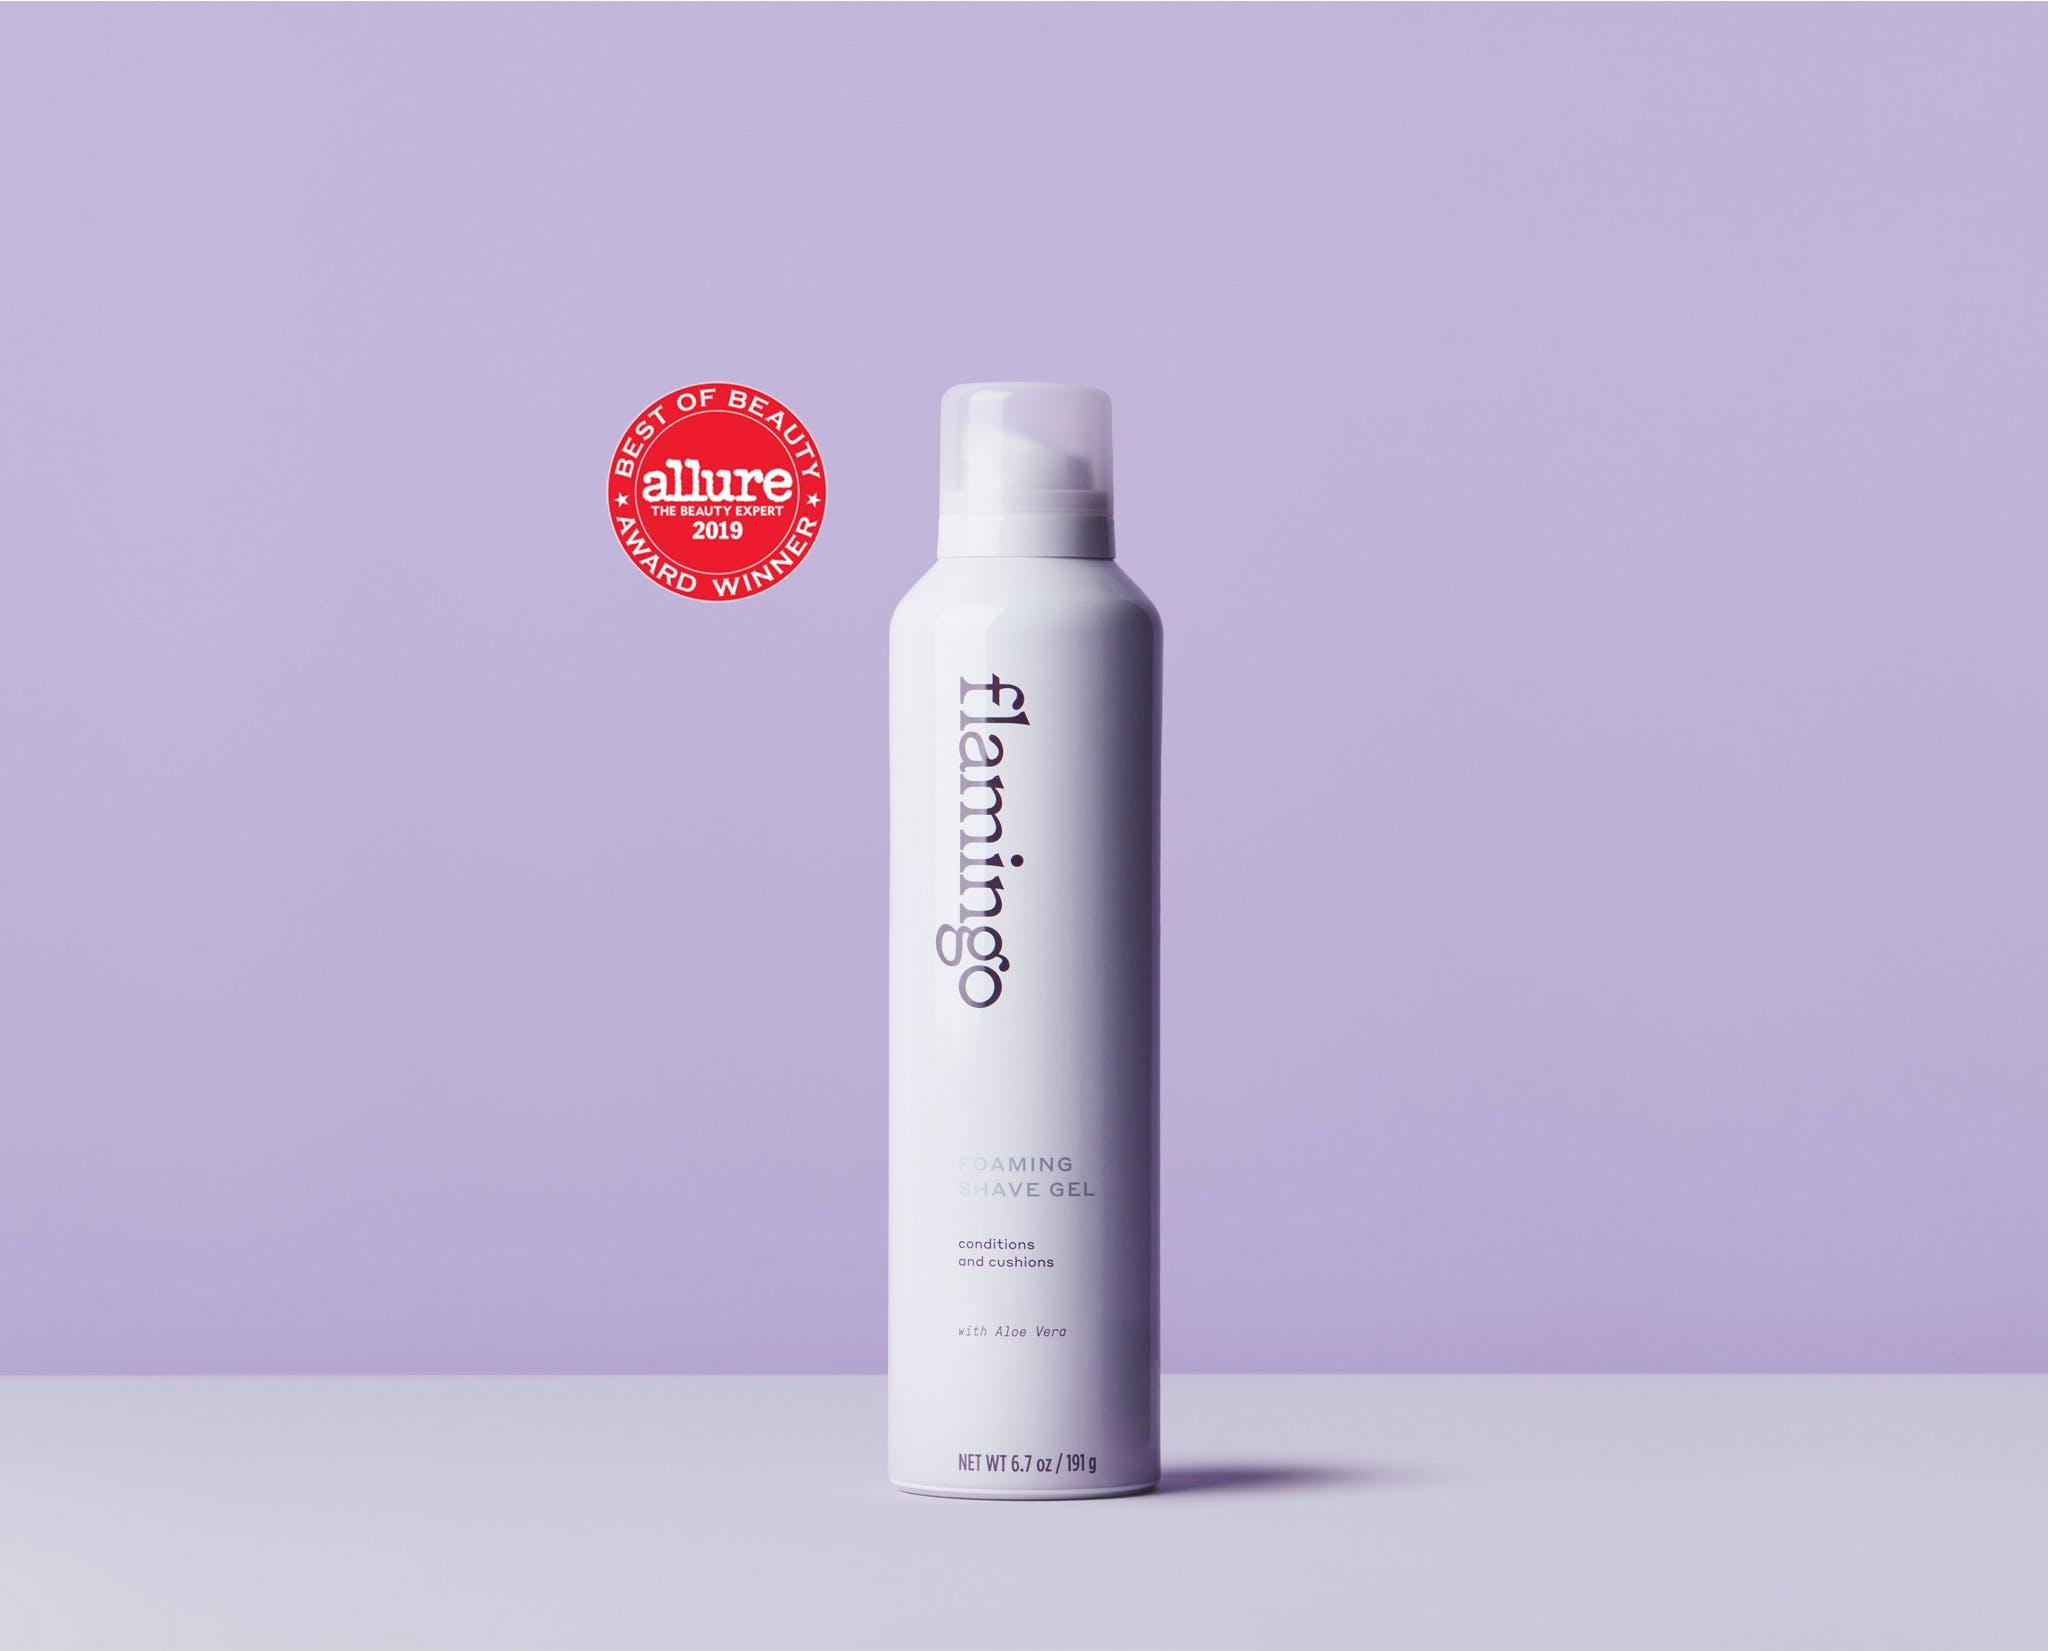 Allure best of beauty winning Foaming Shave Gel